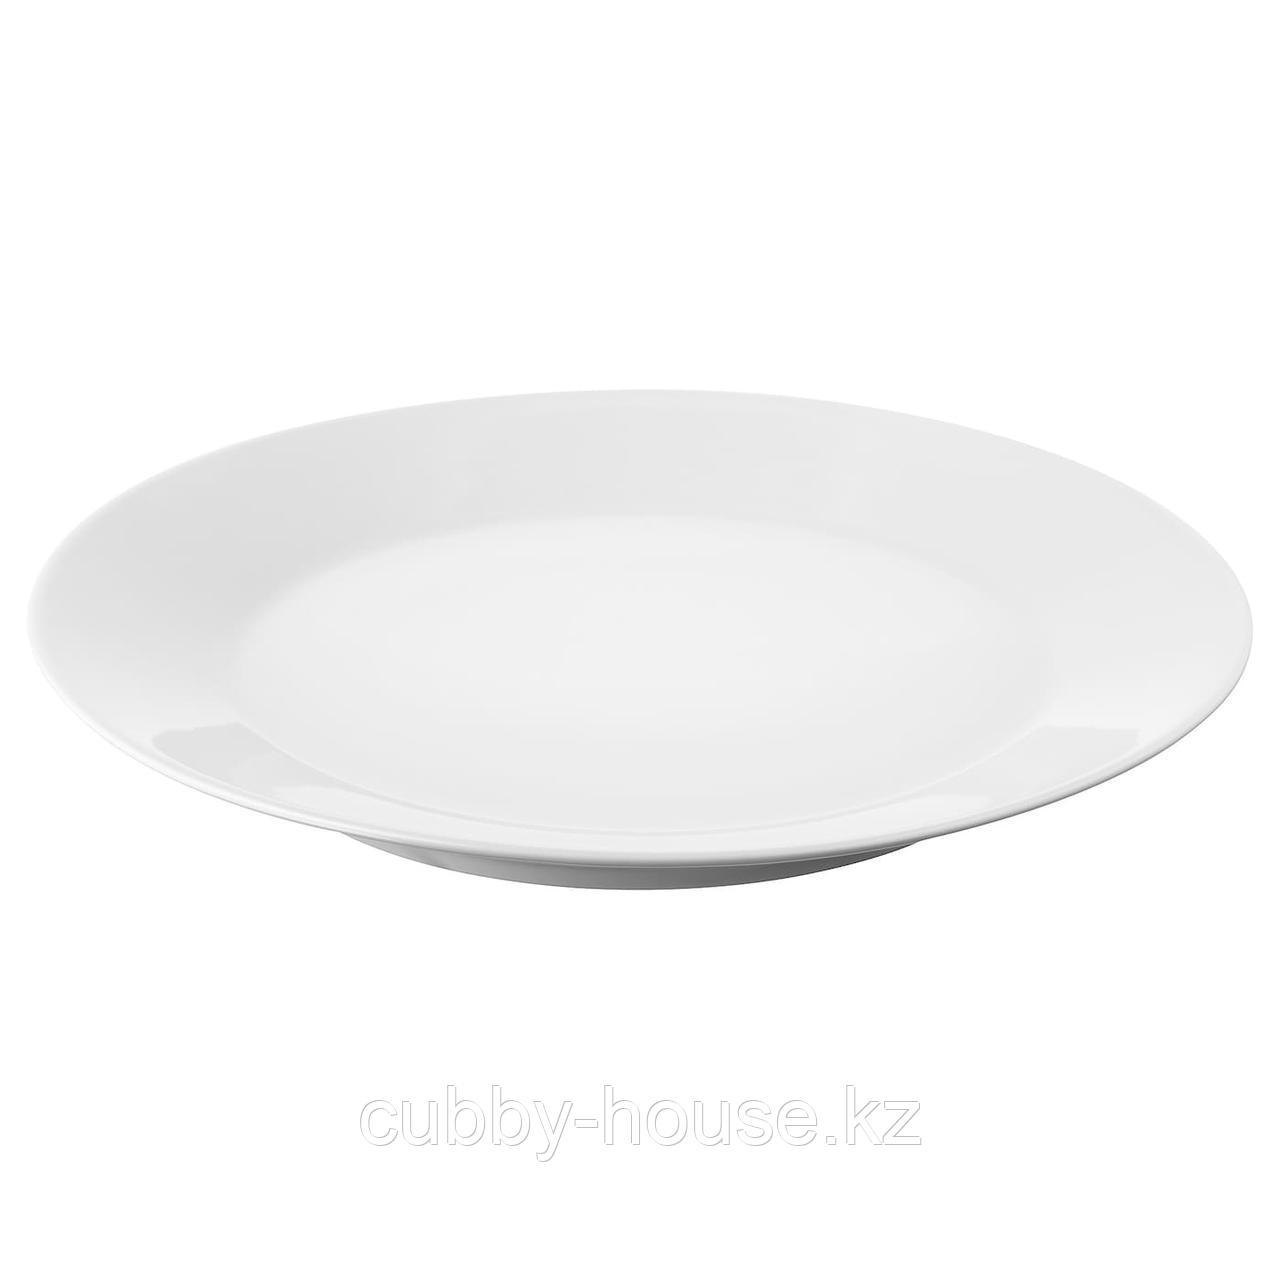 ИКЕА/365+ Тарелка, белый, 20 см